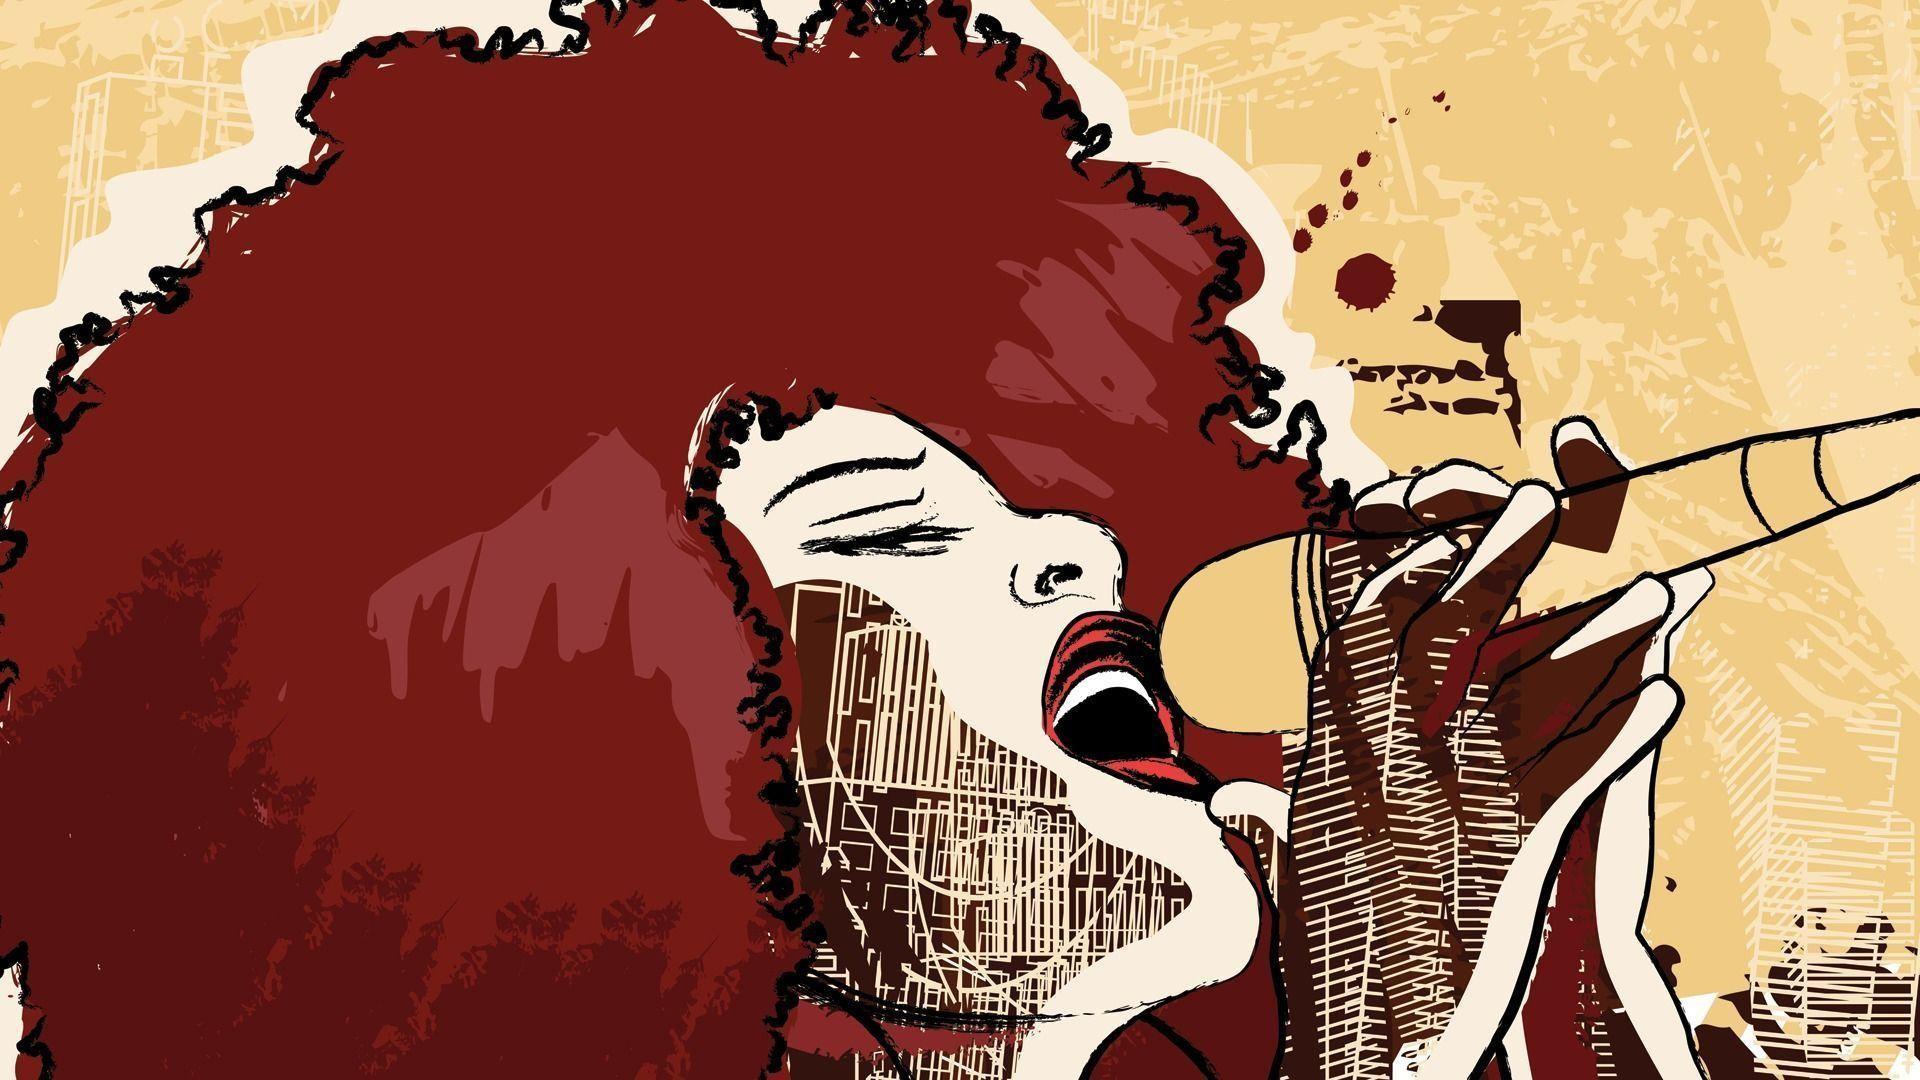 Jazz Singer Music Wallpaper Pc #13418 Wallpaper | Wallpaper Screen .